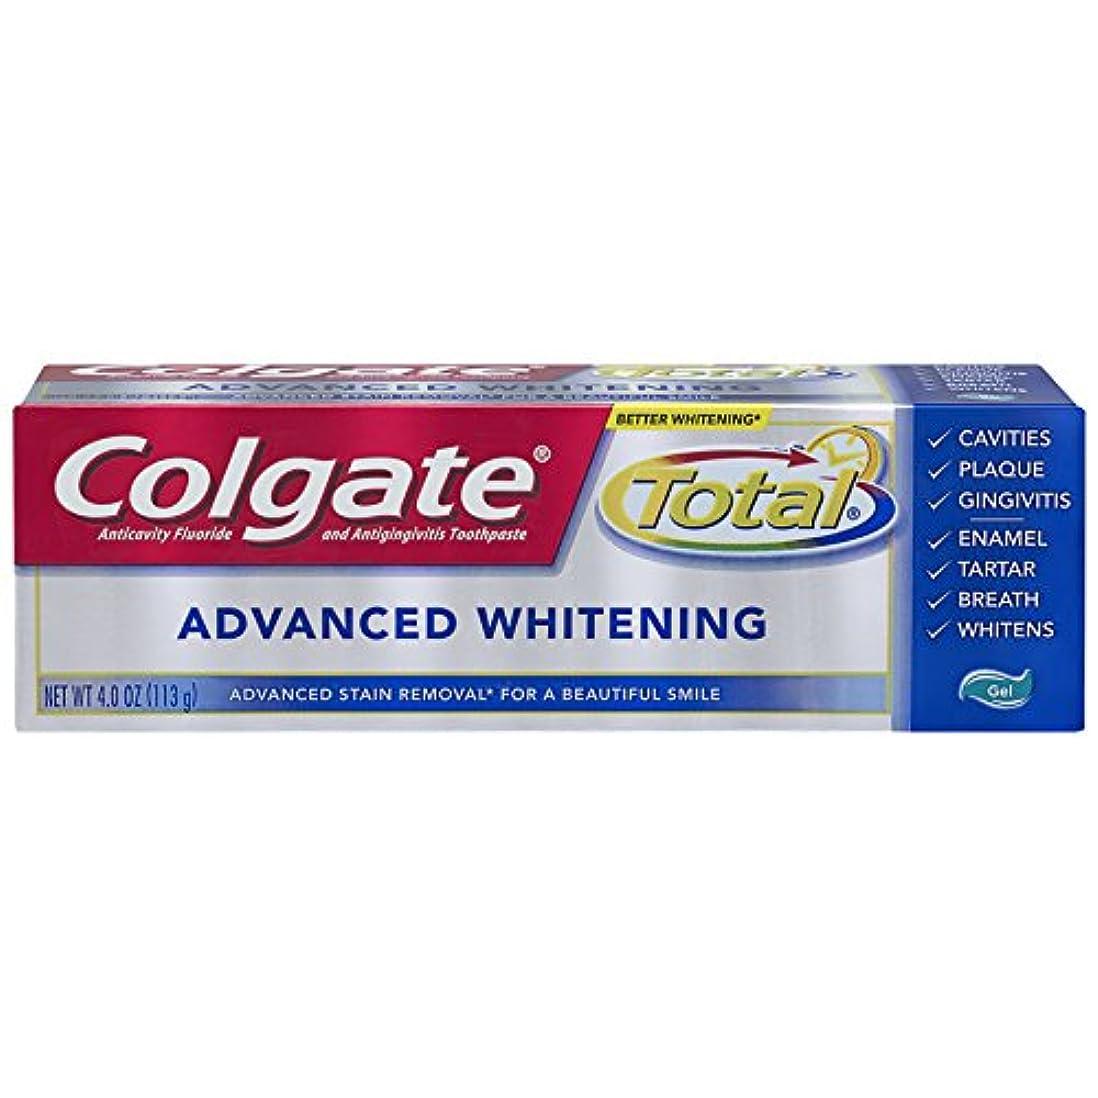 ヨーグルトそれら悪性のColgate 総アドバンストホワイトニングジェル歯磨き - 4.0オンス(6パック)